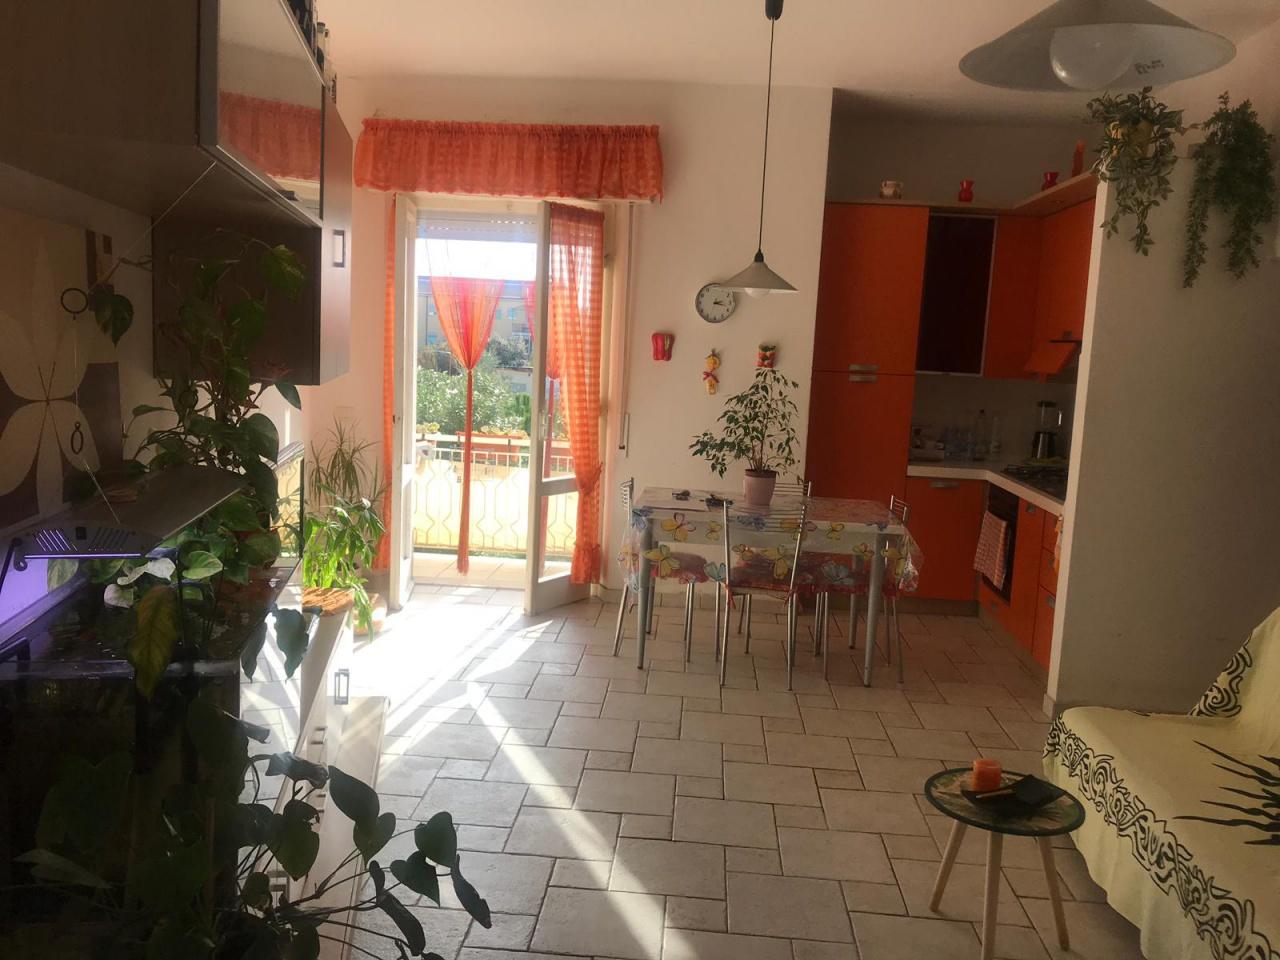 Appartamento in vendita a Follonica, 3 locali, prezzo € 250.000 | CambioCasa.it